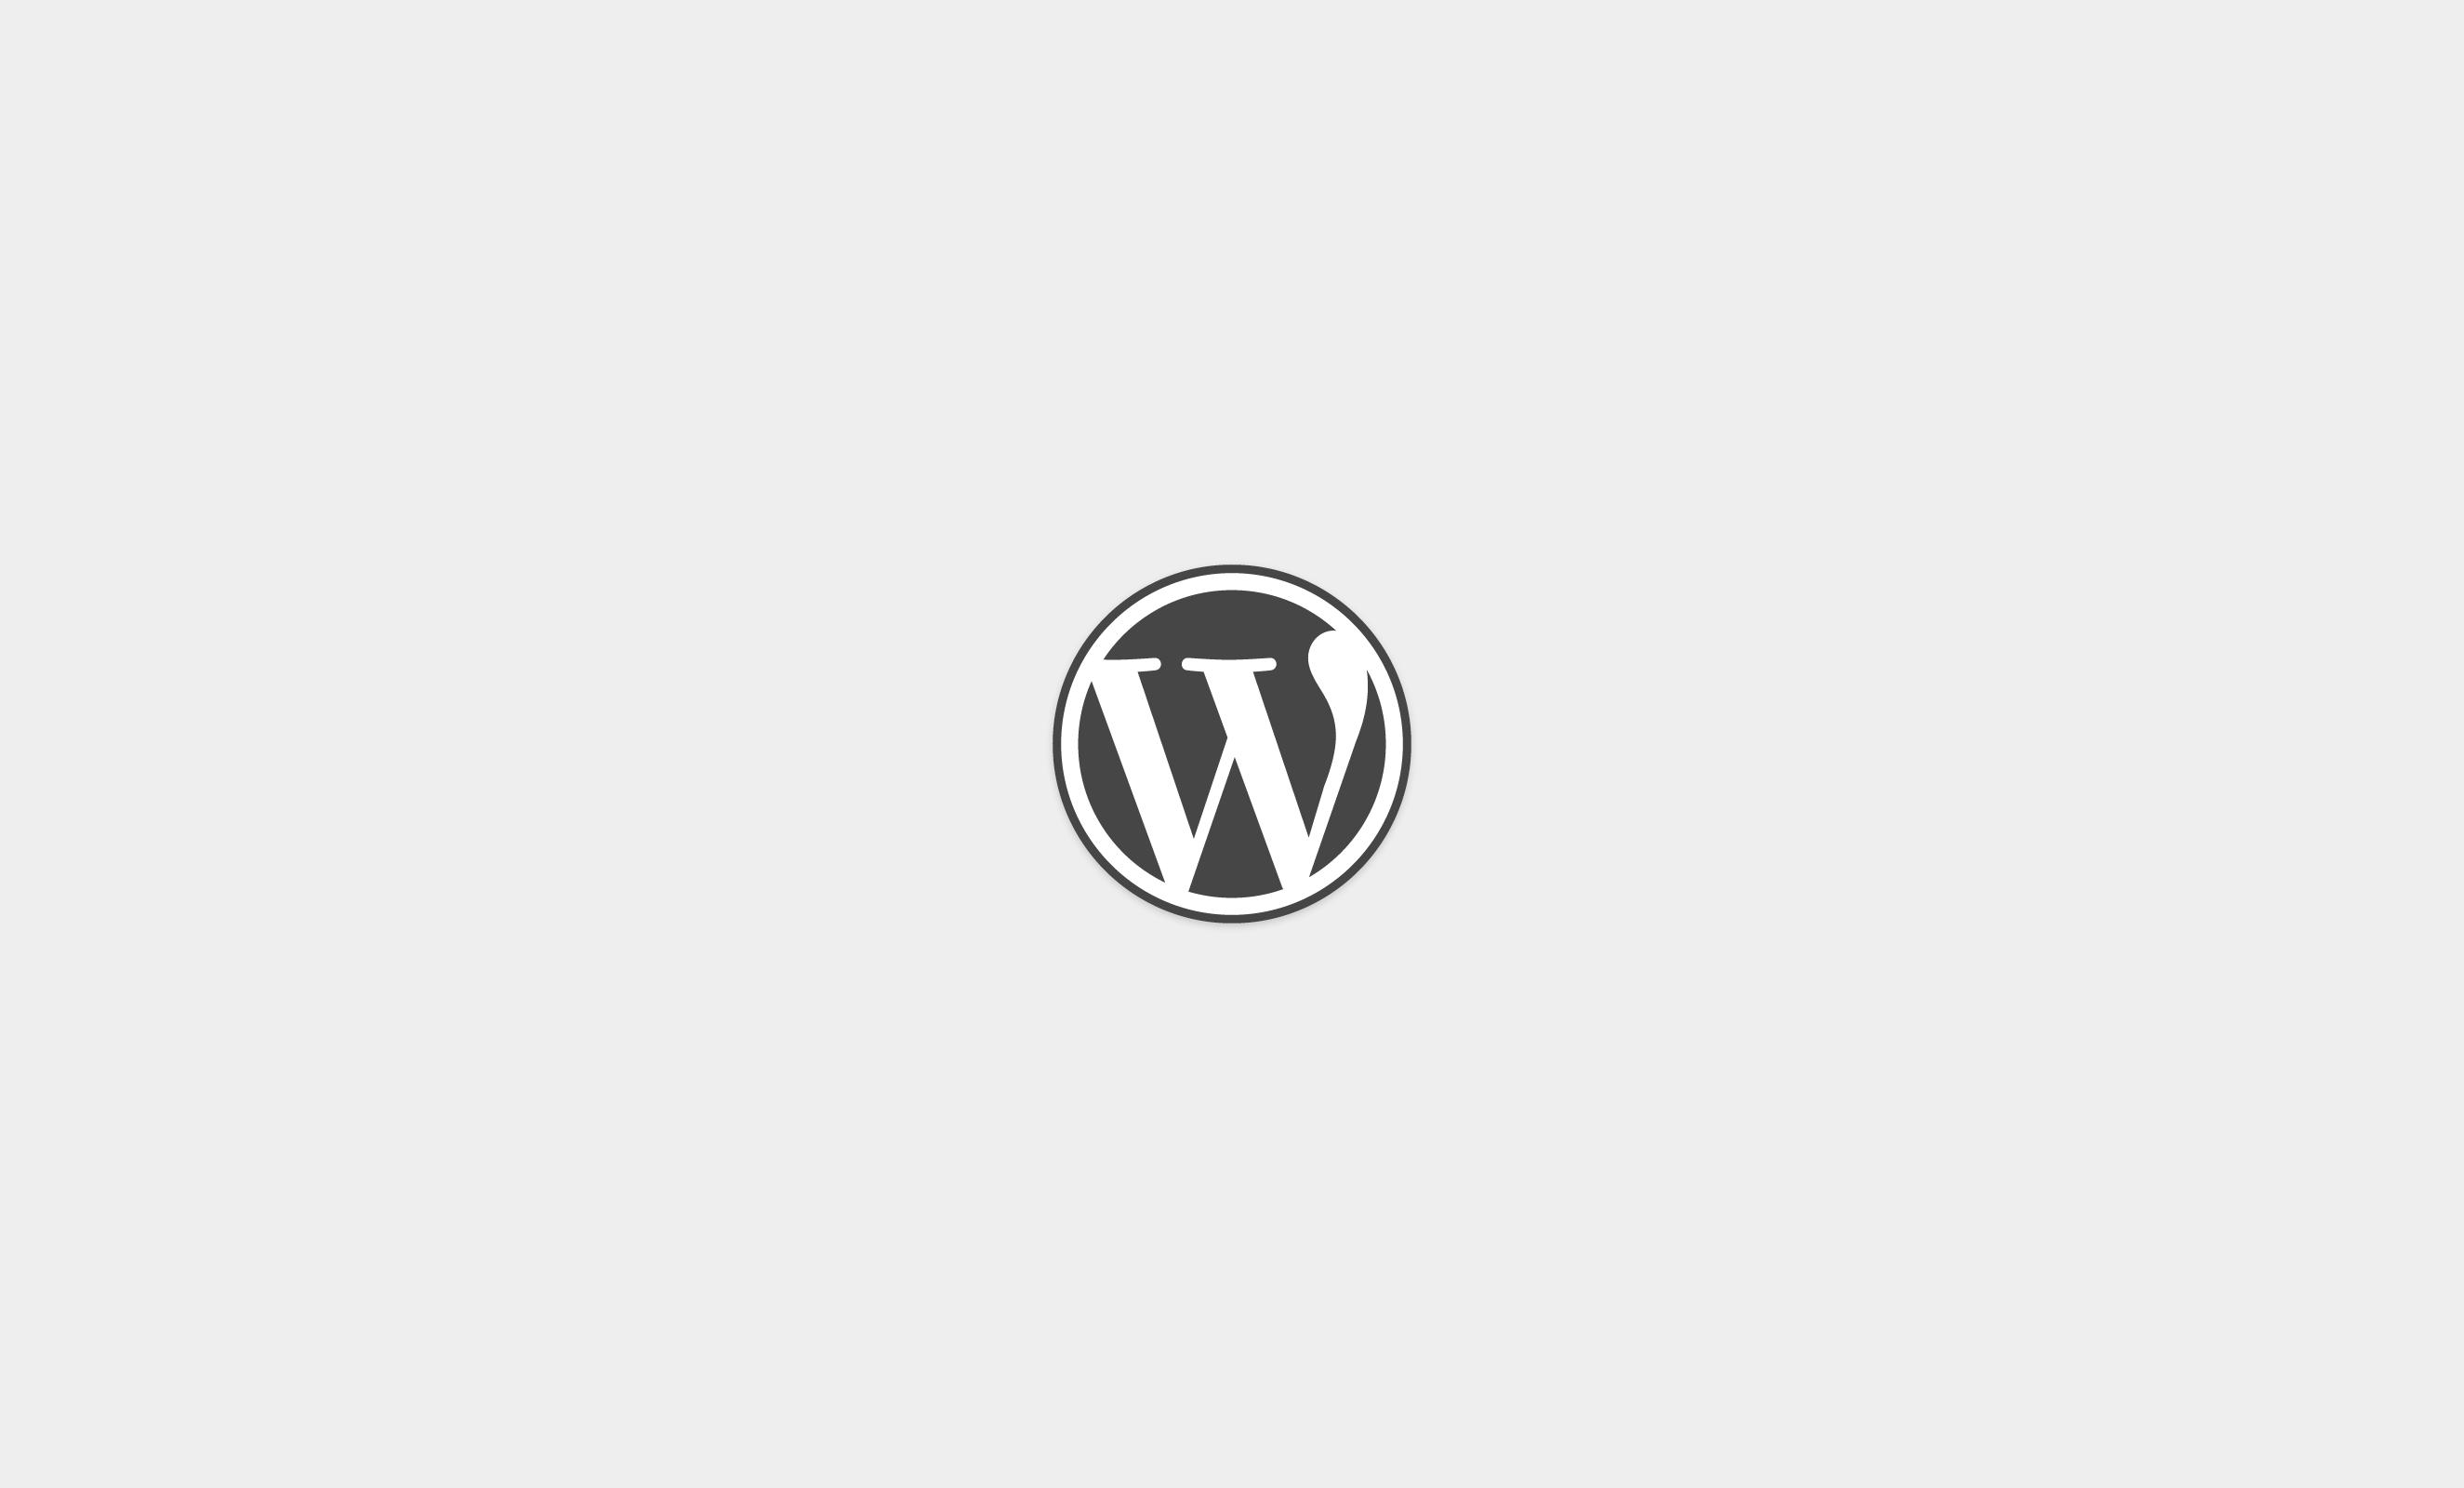 Обои для рабочего стола в стиле Wordpress - официальные релизы | n-wp.ru